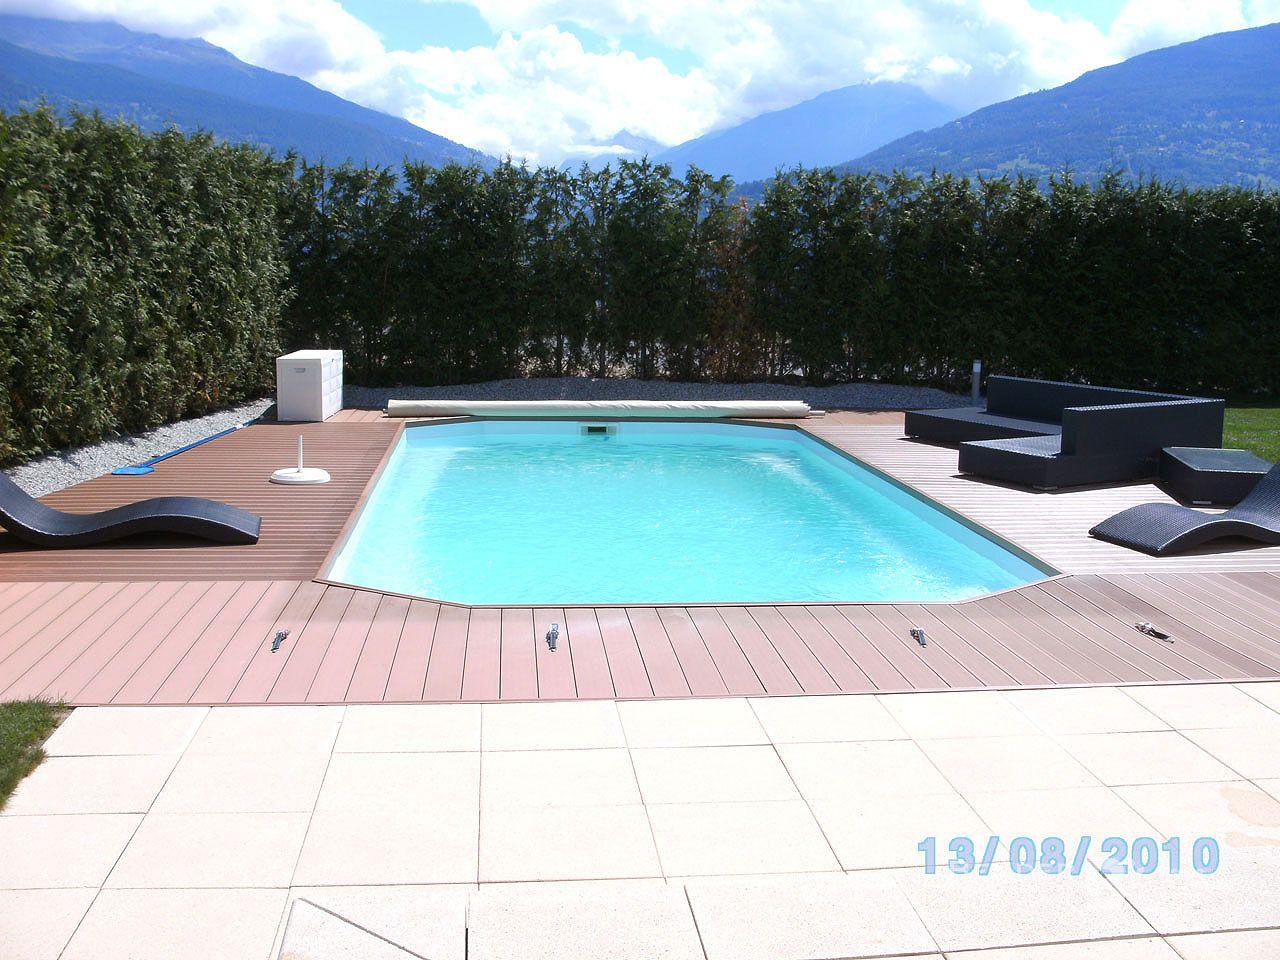 piscine grimisuat nos r alisations bender paysagisme. Black Bedroom Furniture Sets. Home Design Ideas